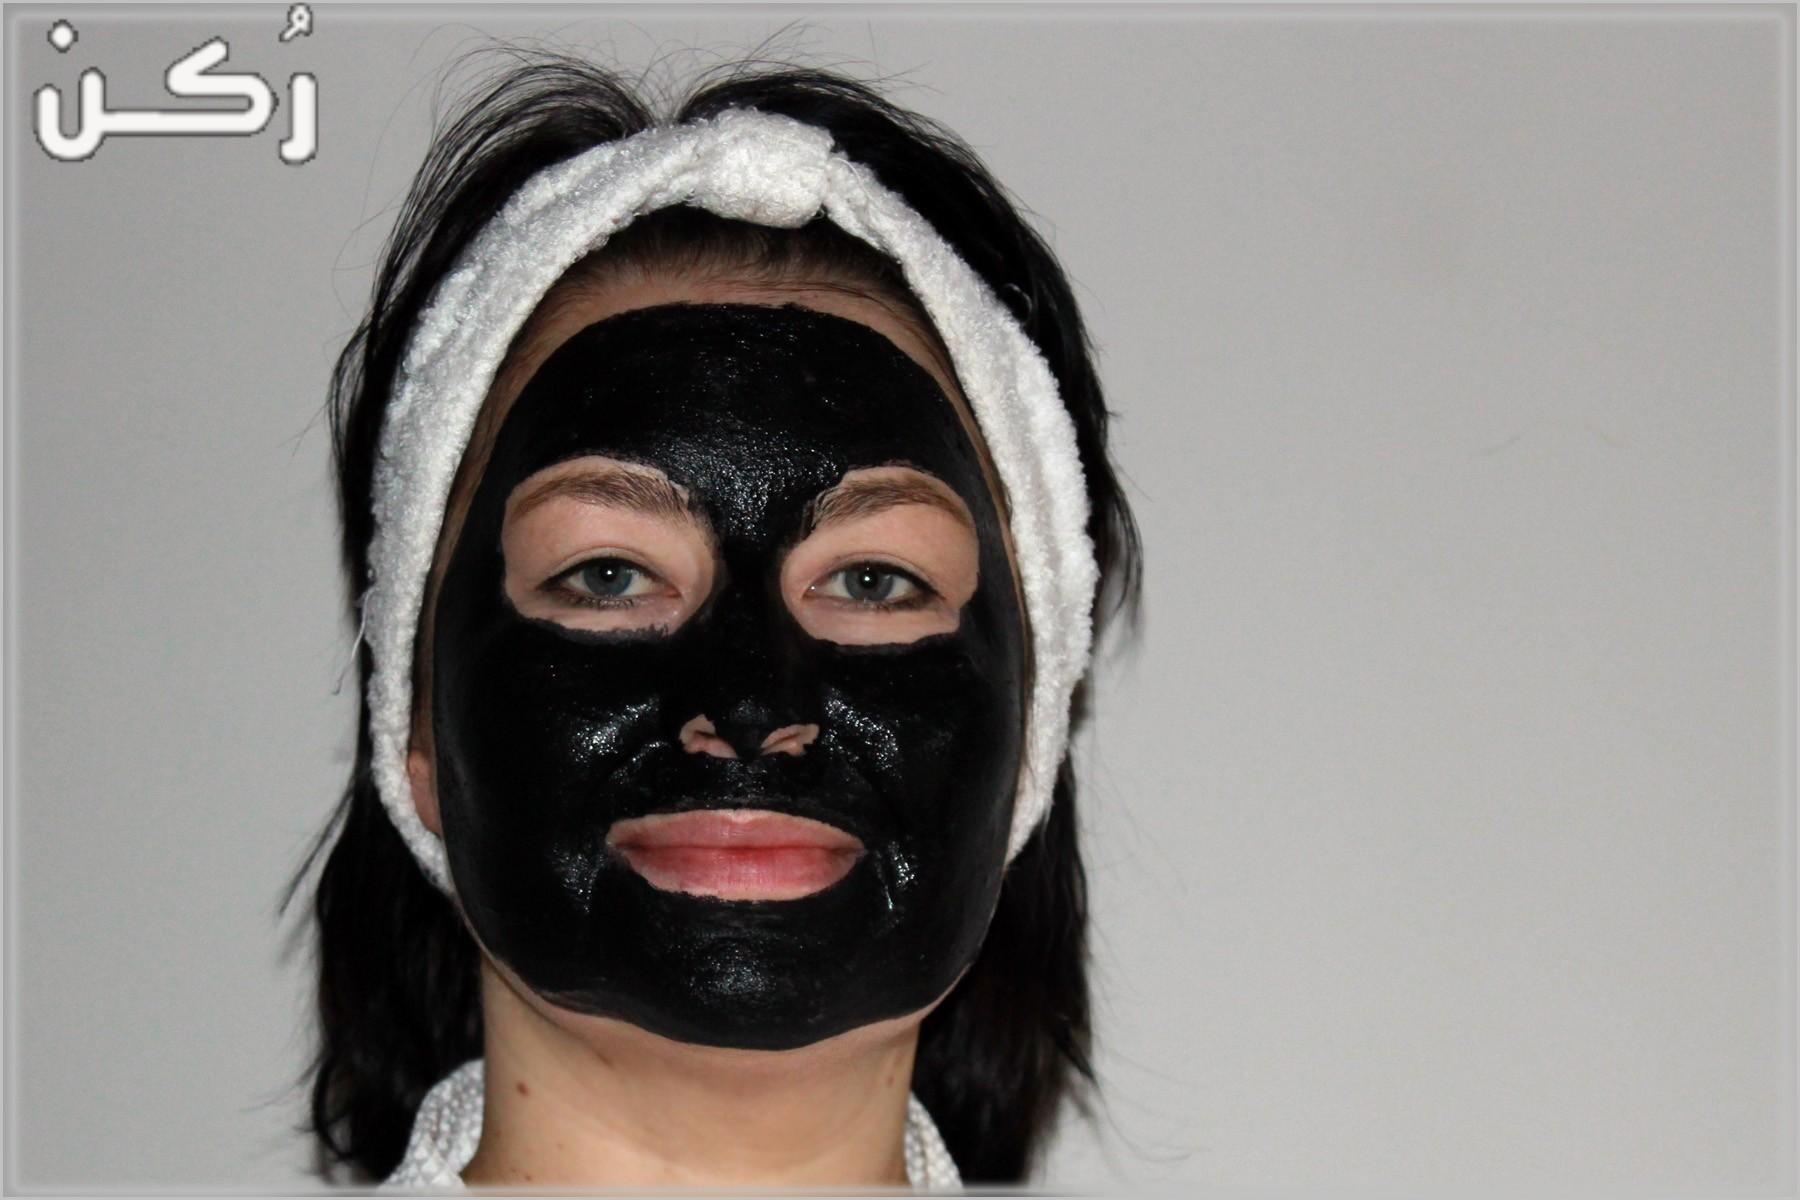 وصفات ماسك الفحم للبشرة لإزالة الرؤوس السوداء